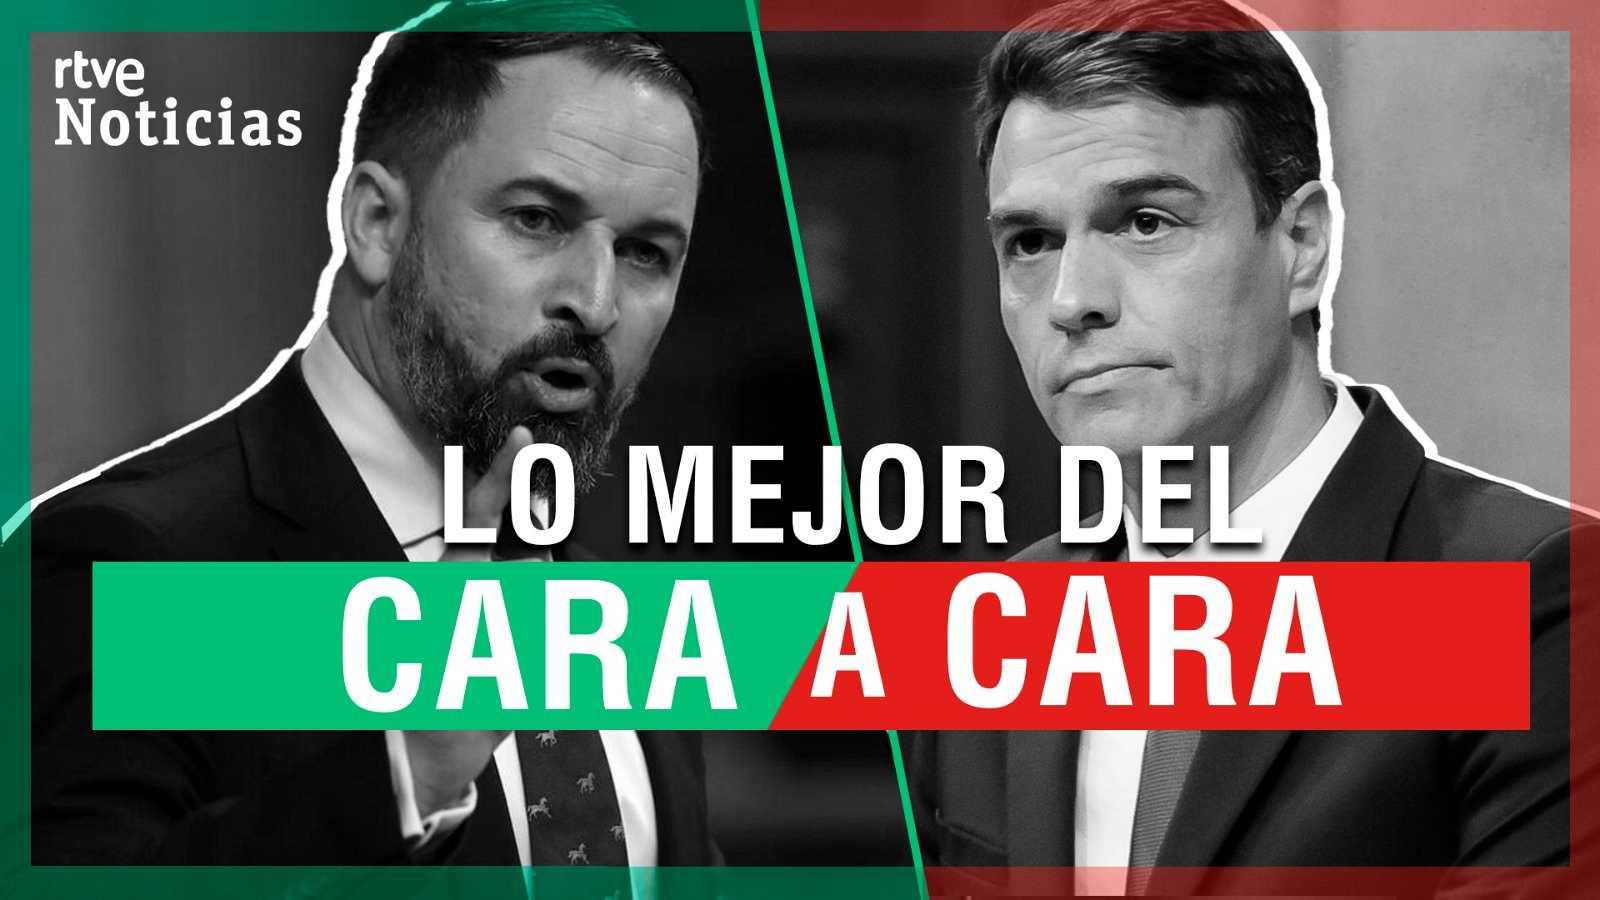 Los mejores momentos del cara a cara entre Sánchez y Abascal en el debate de la moción de censura